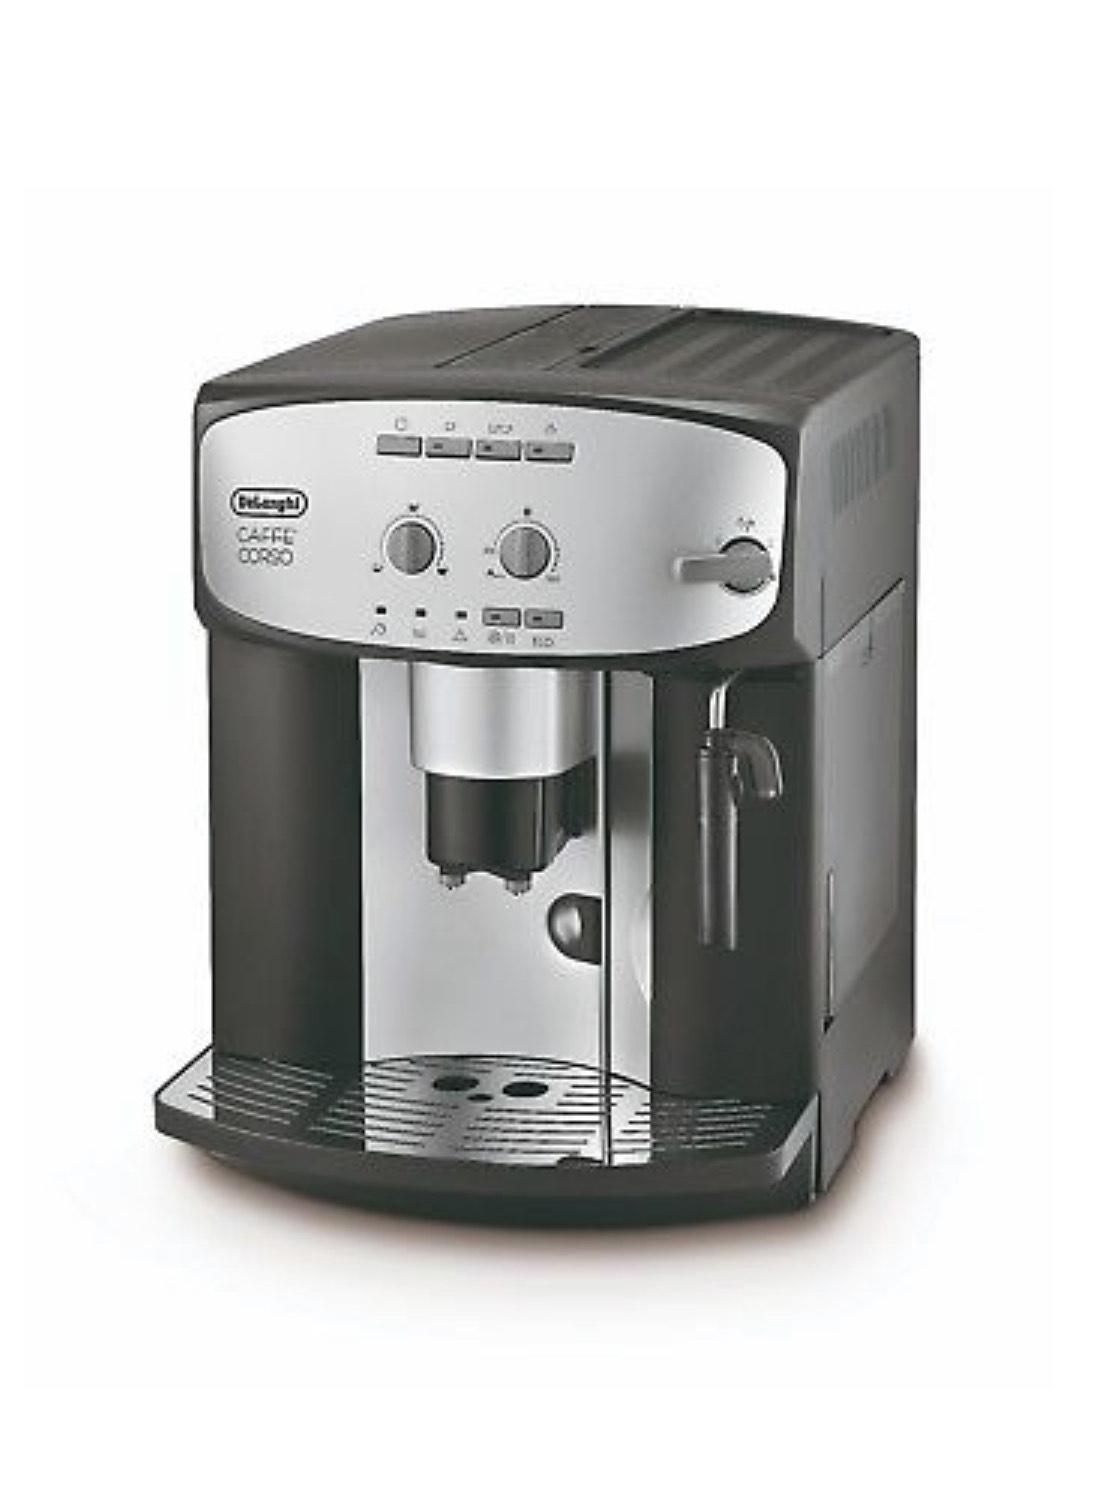 De'Longhi Cafe Corso ESAM2800 Bean to Cup Coffee. No#1 in Home Coffee Machines - £179.99 @ eBay / Delonghi